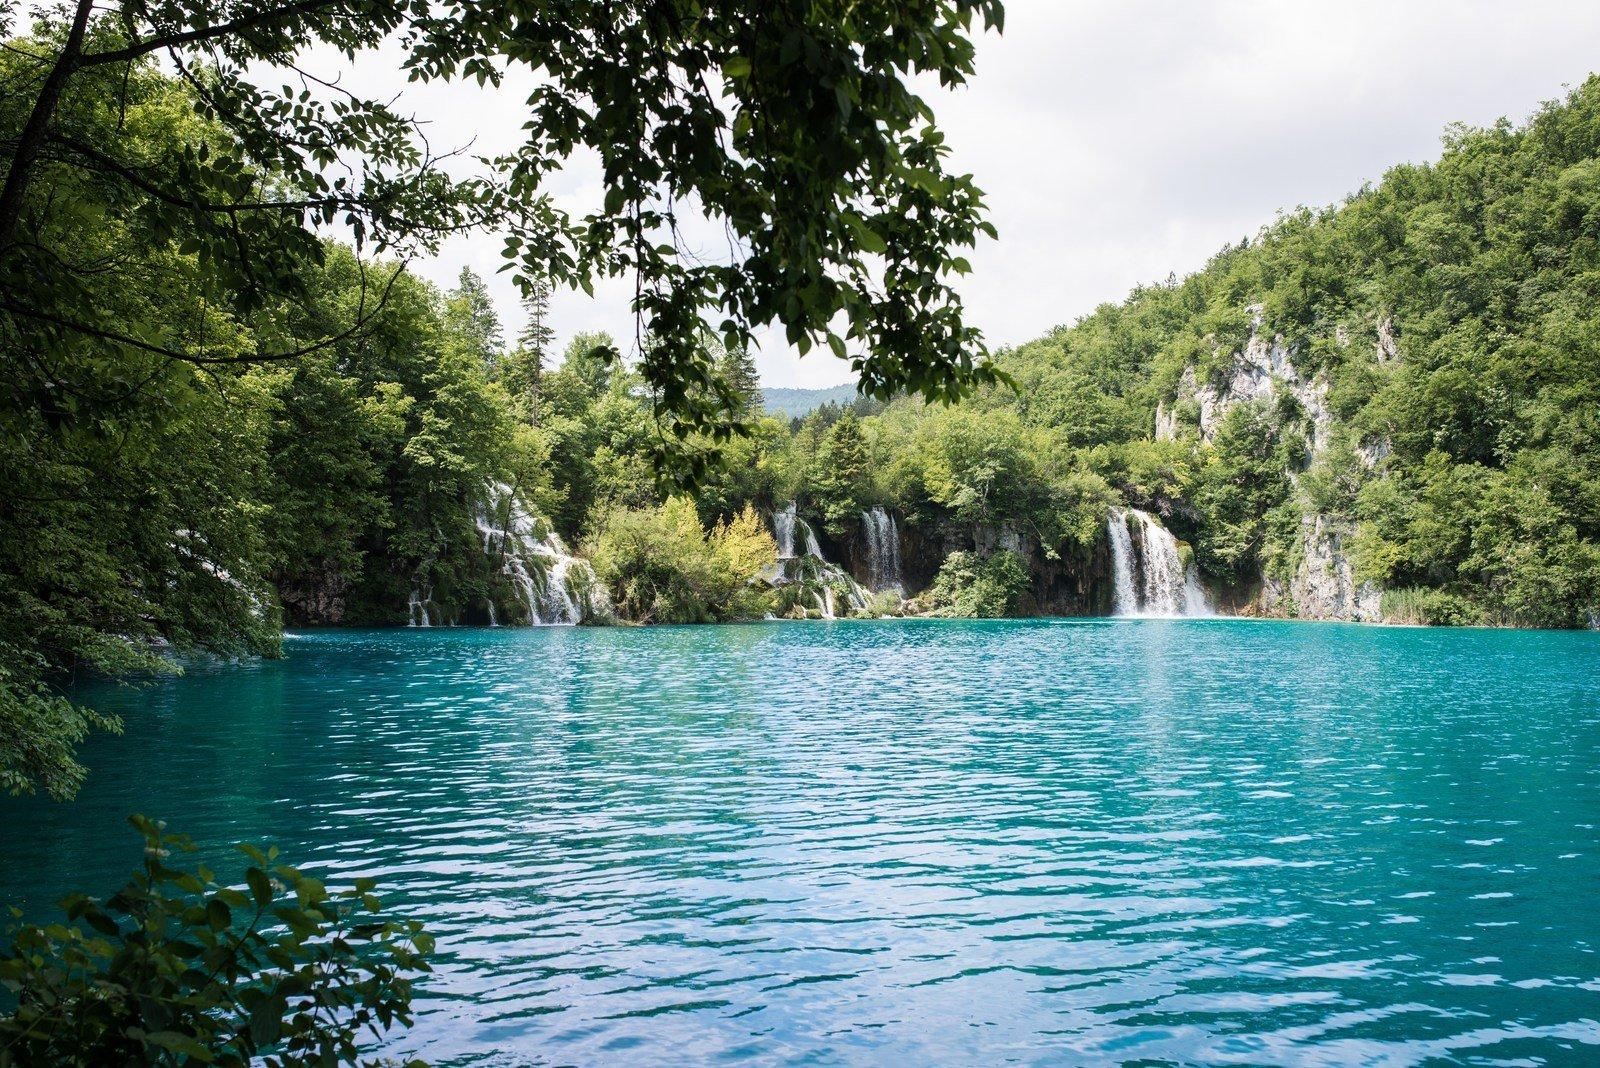 Cascades et eaux turquoise en Croatie Plitvice